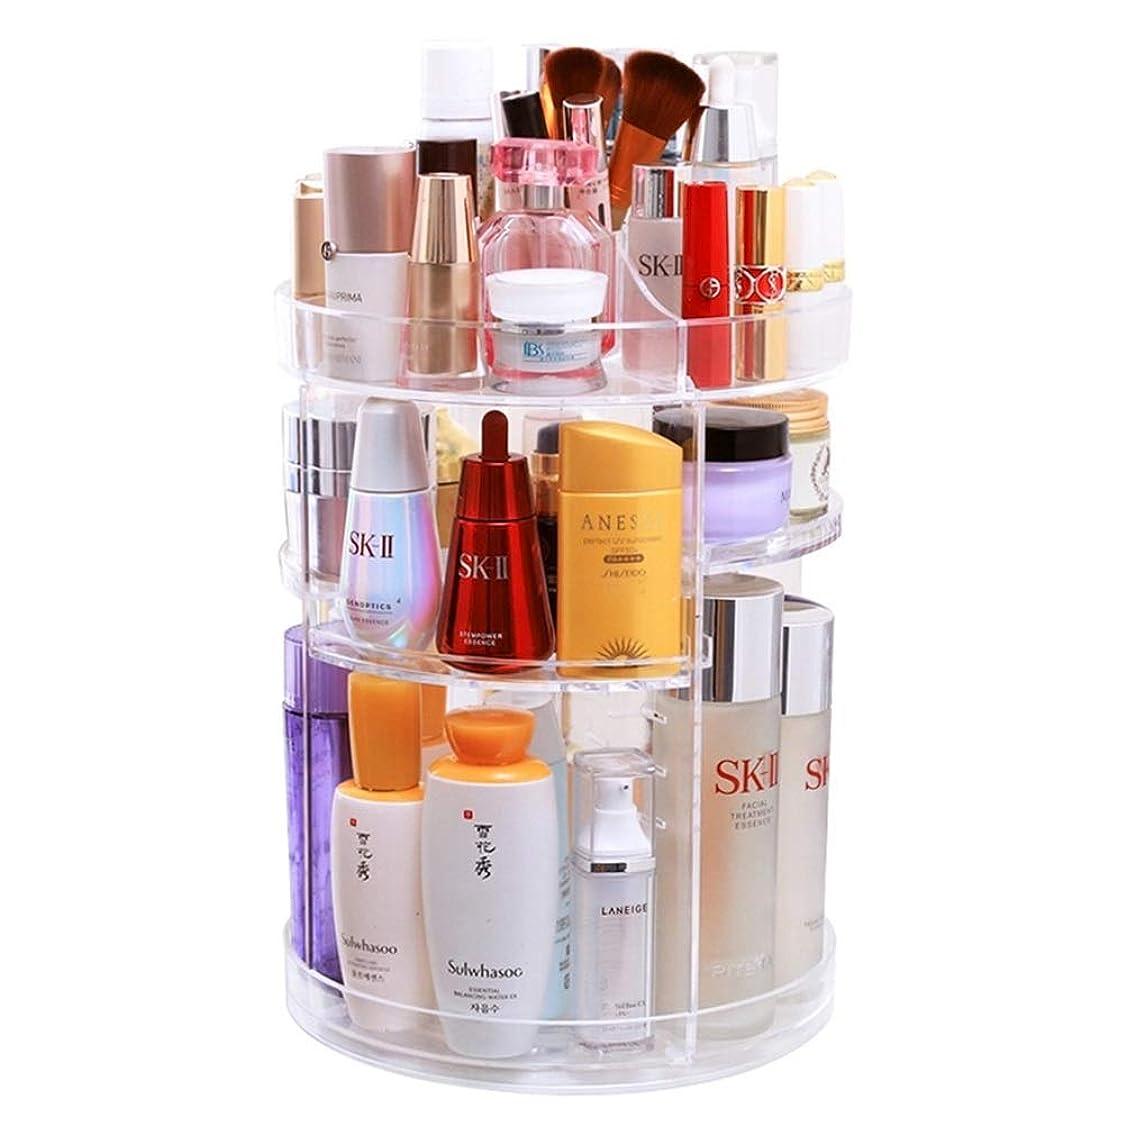 内部面胃360度回転化粧オーガナイザー多機能化粧品収納ボックス、大容量、フィットトナー、クリーム、化粧ブラシ、口紅などあなたの生活に便利な寝室/浴室/部屋/